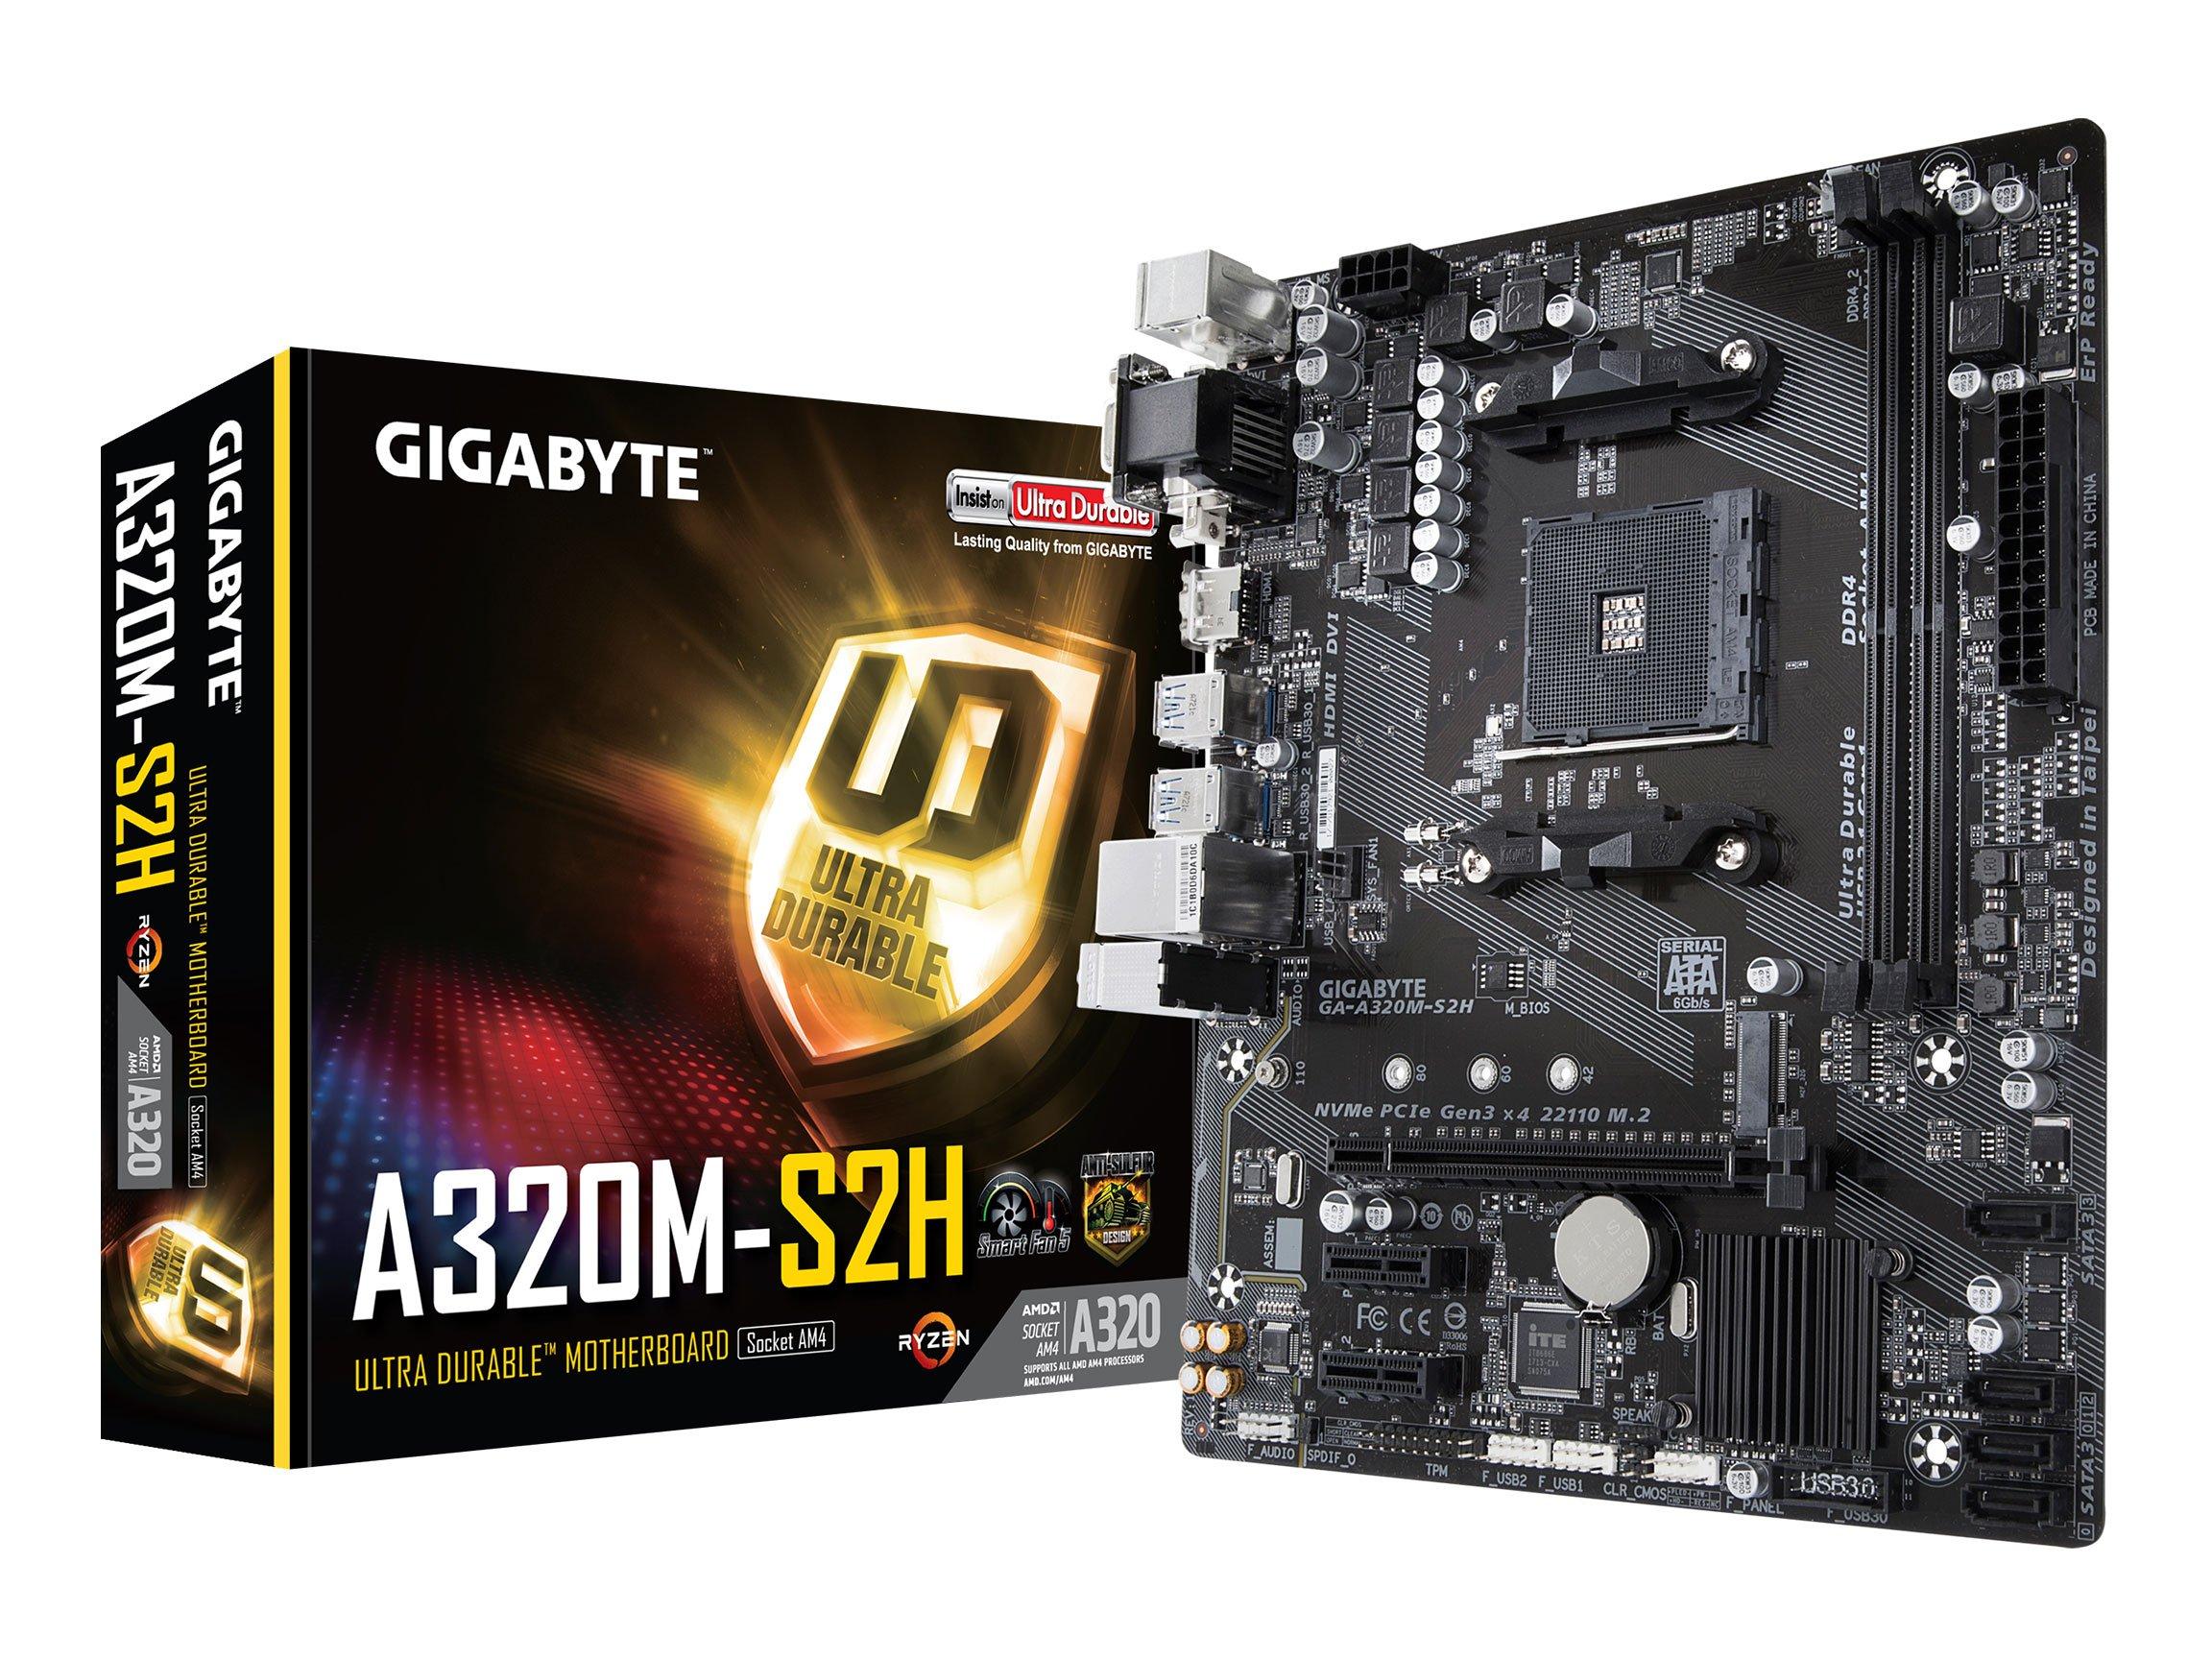 GIGABYTE GA-X99-GAMING 5 BIGFOOT LAN WINDOWS 8